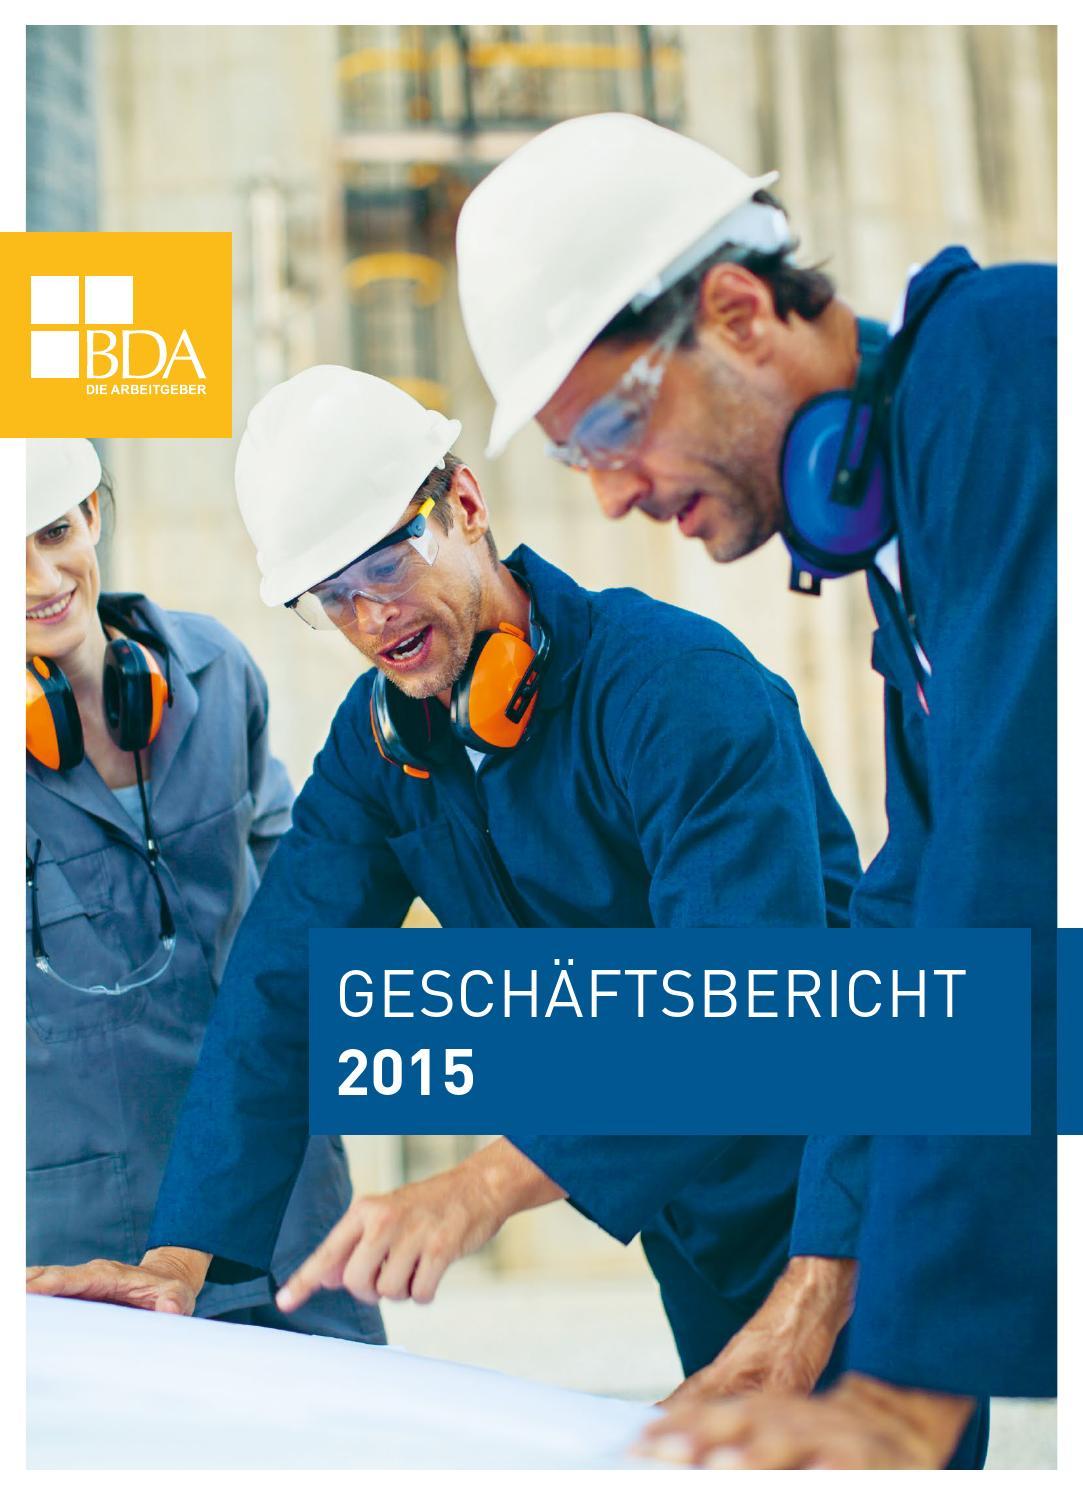 Geschäftsbericht 2015 by BDA - issuu